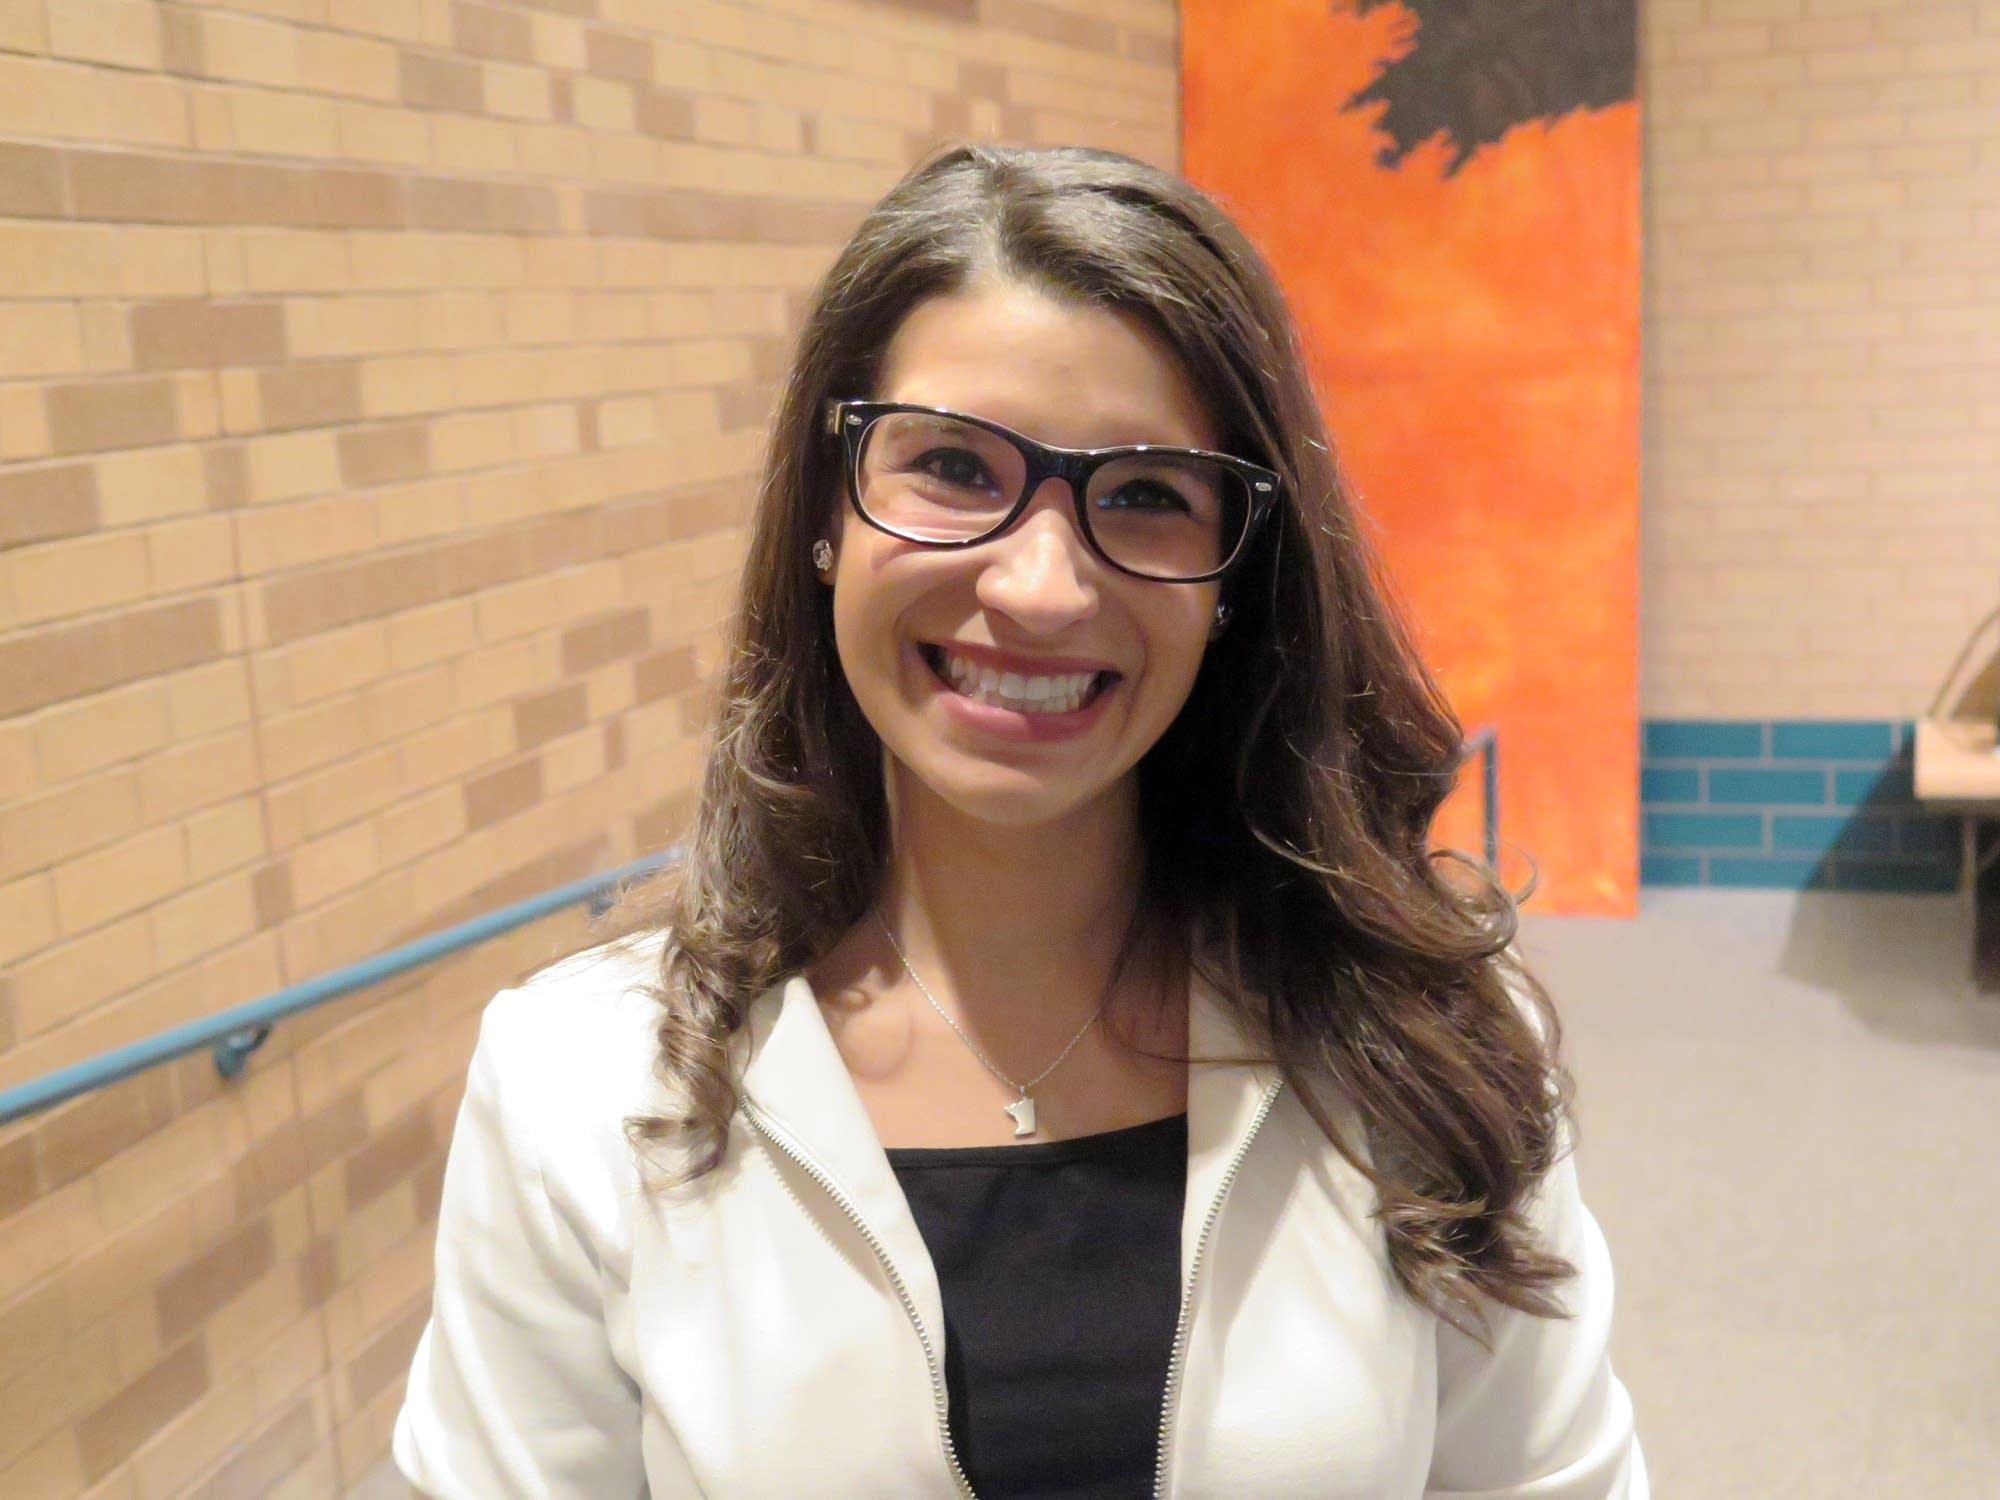 Rep. Erin Maye Quade